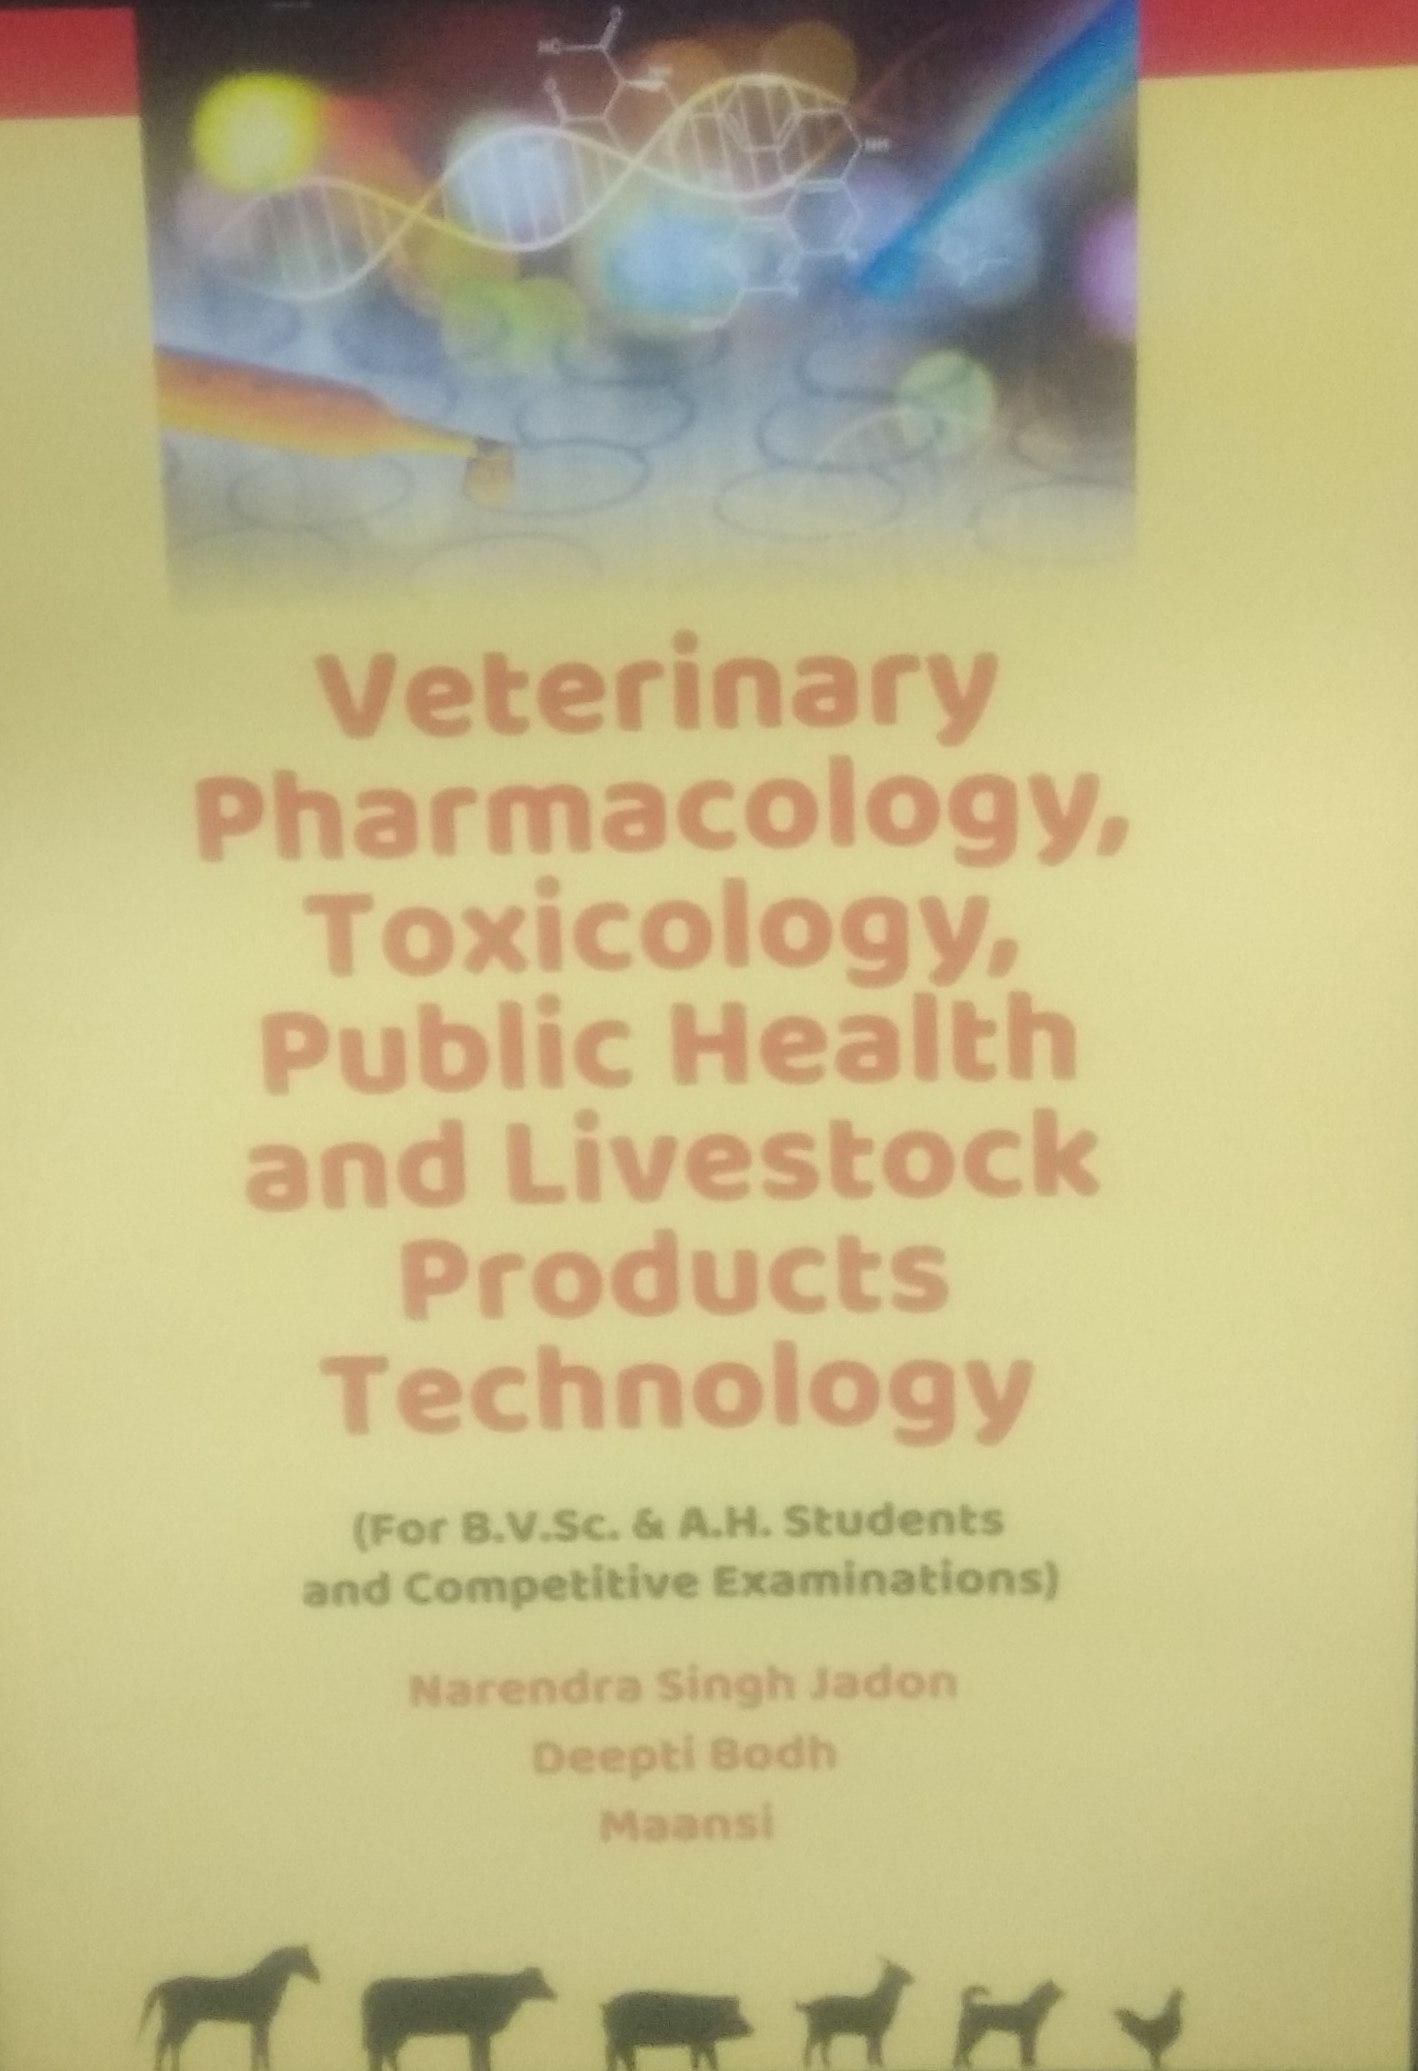 Veterinary Pharmacology and Toxicology, Public Hea…